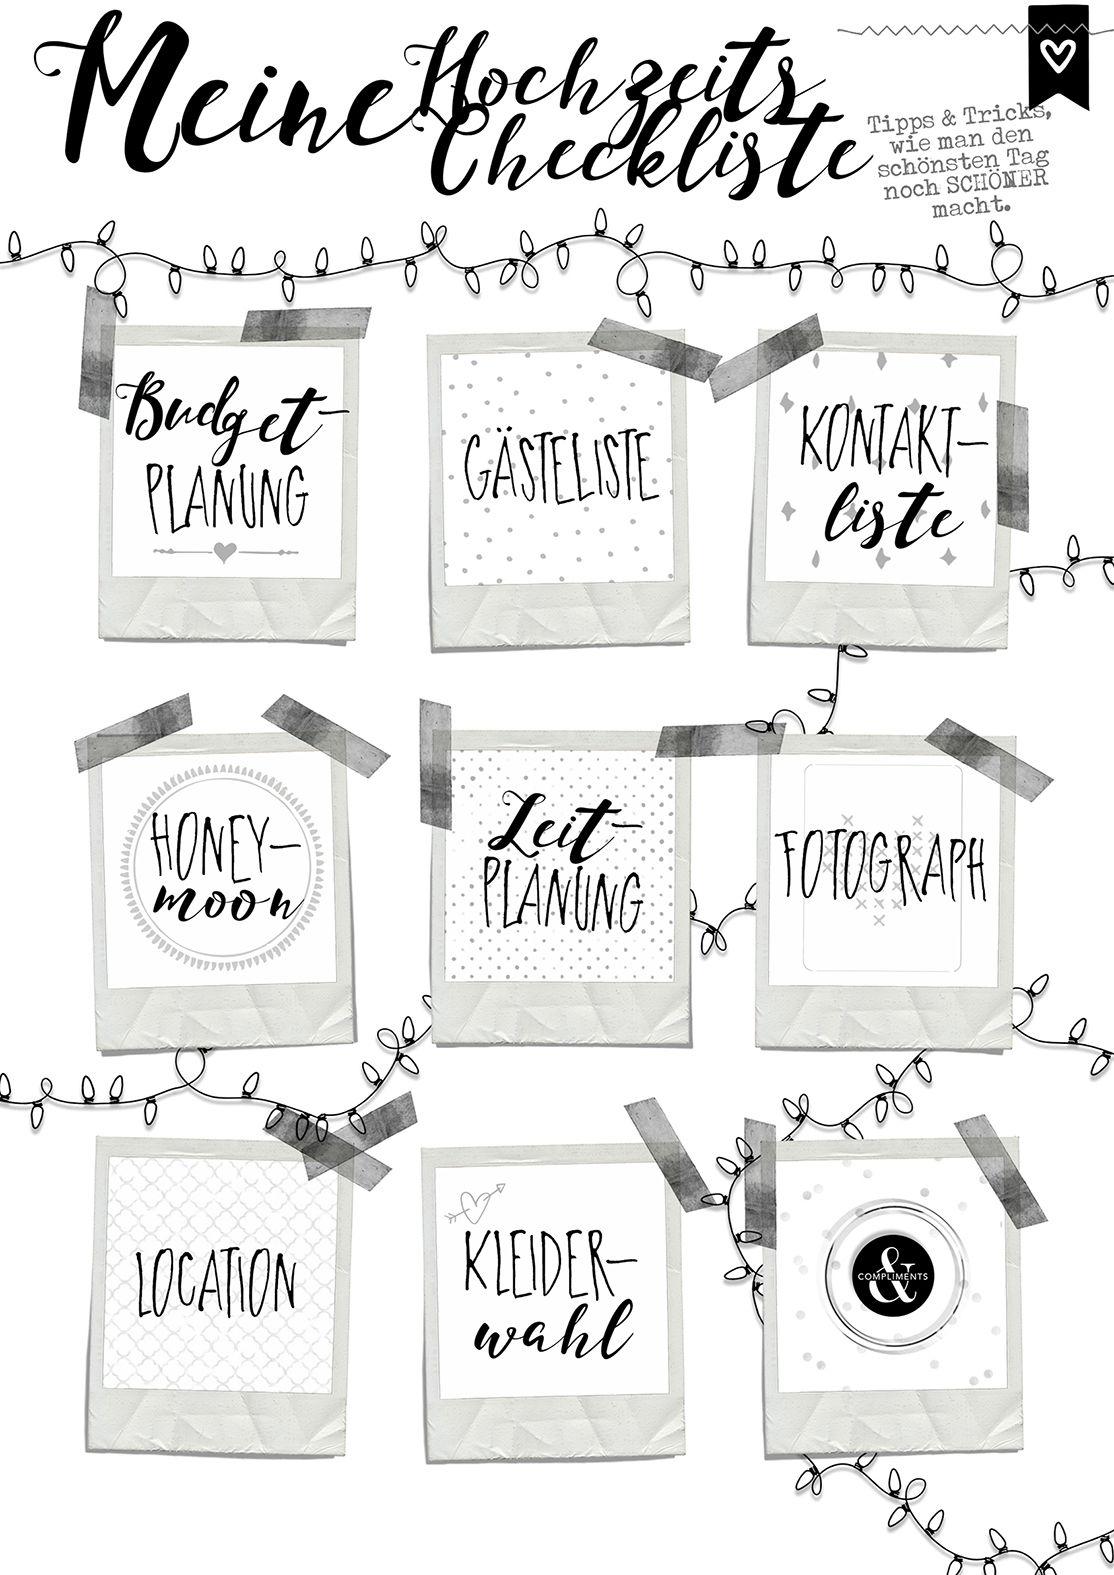 Hochzeitscheckliste Zeitplanung Hochzeitsplaner mit Kalender 2017